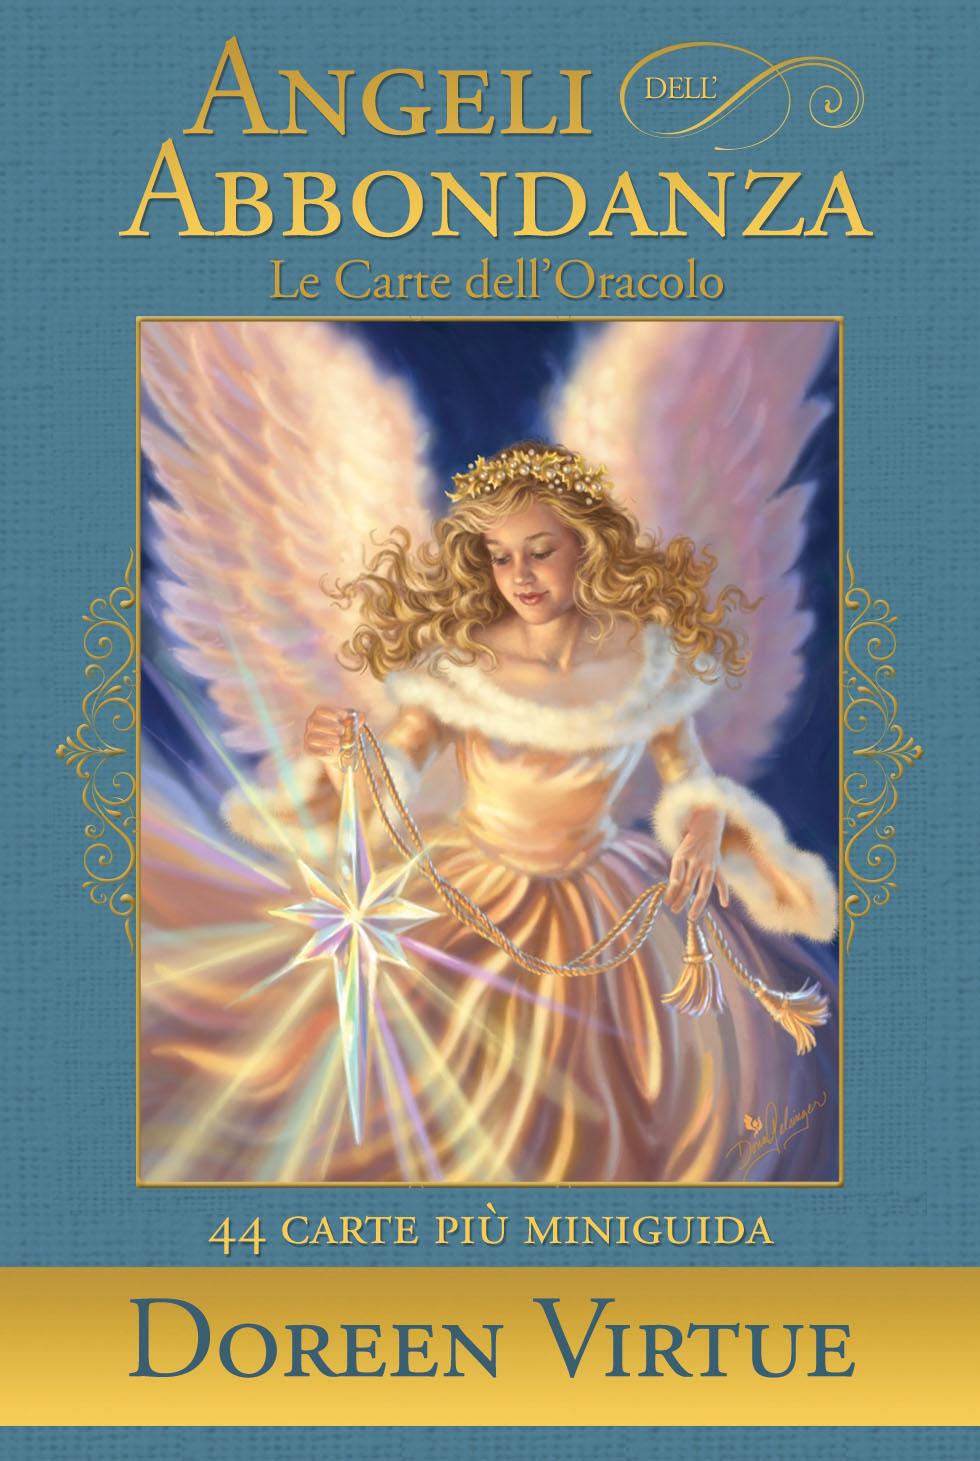 carte_angeli_abbondanza